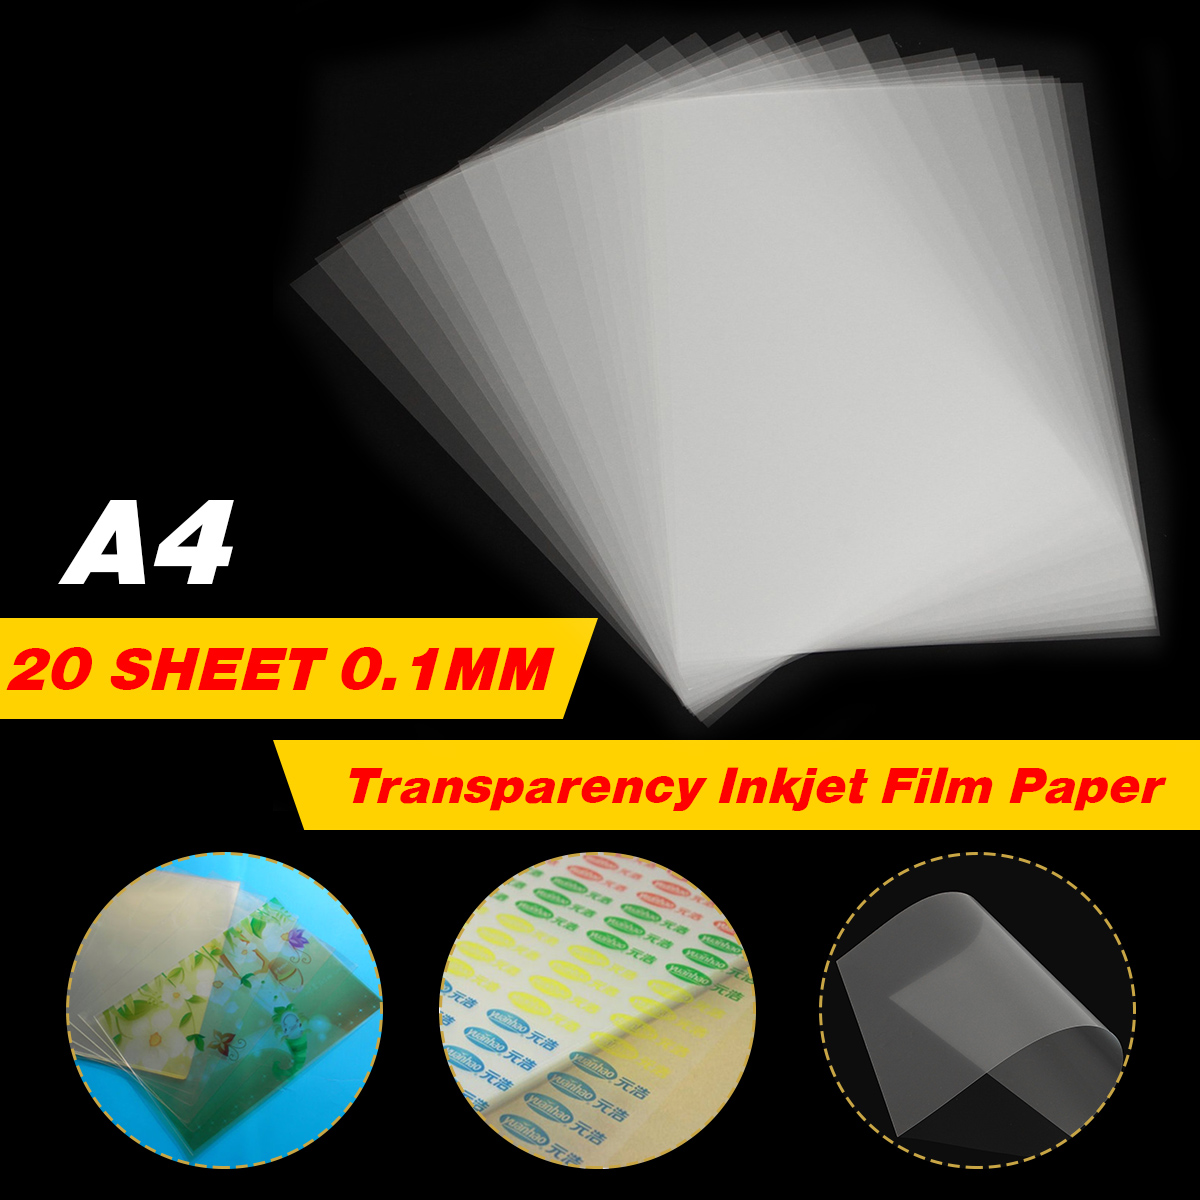 20 levha Ekran Baskı Şeffaflık Mürekkep Püskürtmeli Film Kağıdı PCB Baskı Şablon Tasarım Mürekkep Püskürtmeli Film Korur Mürekkep Kalınlığı 0.12mm